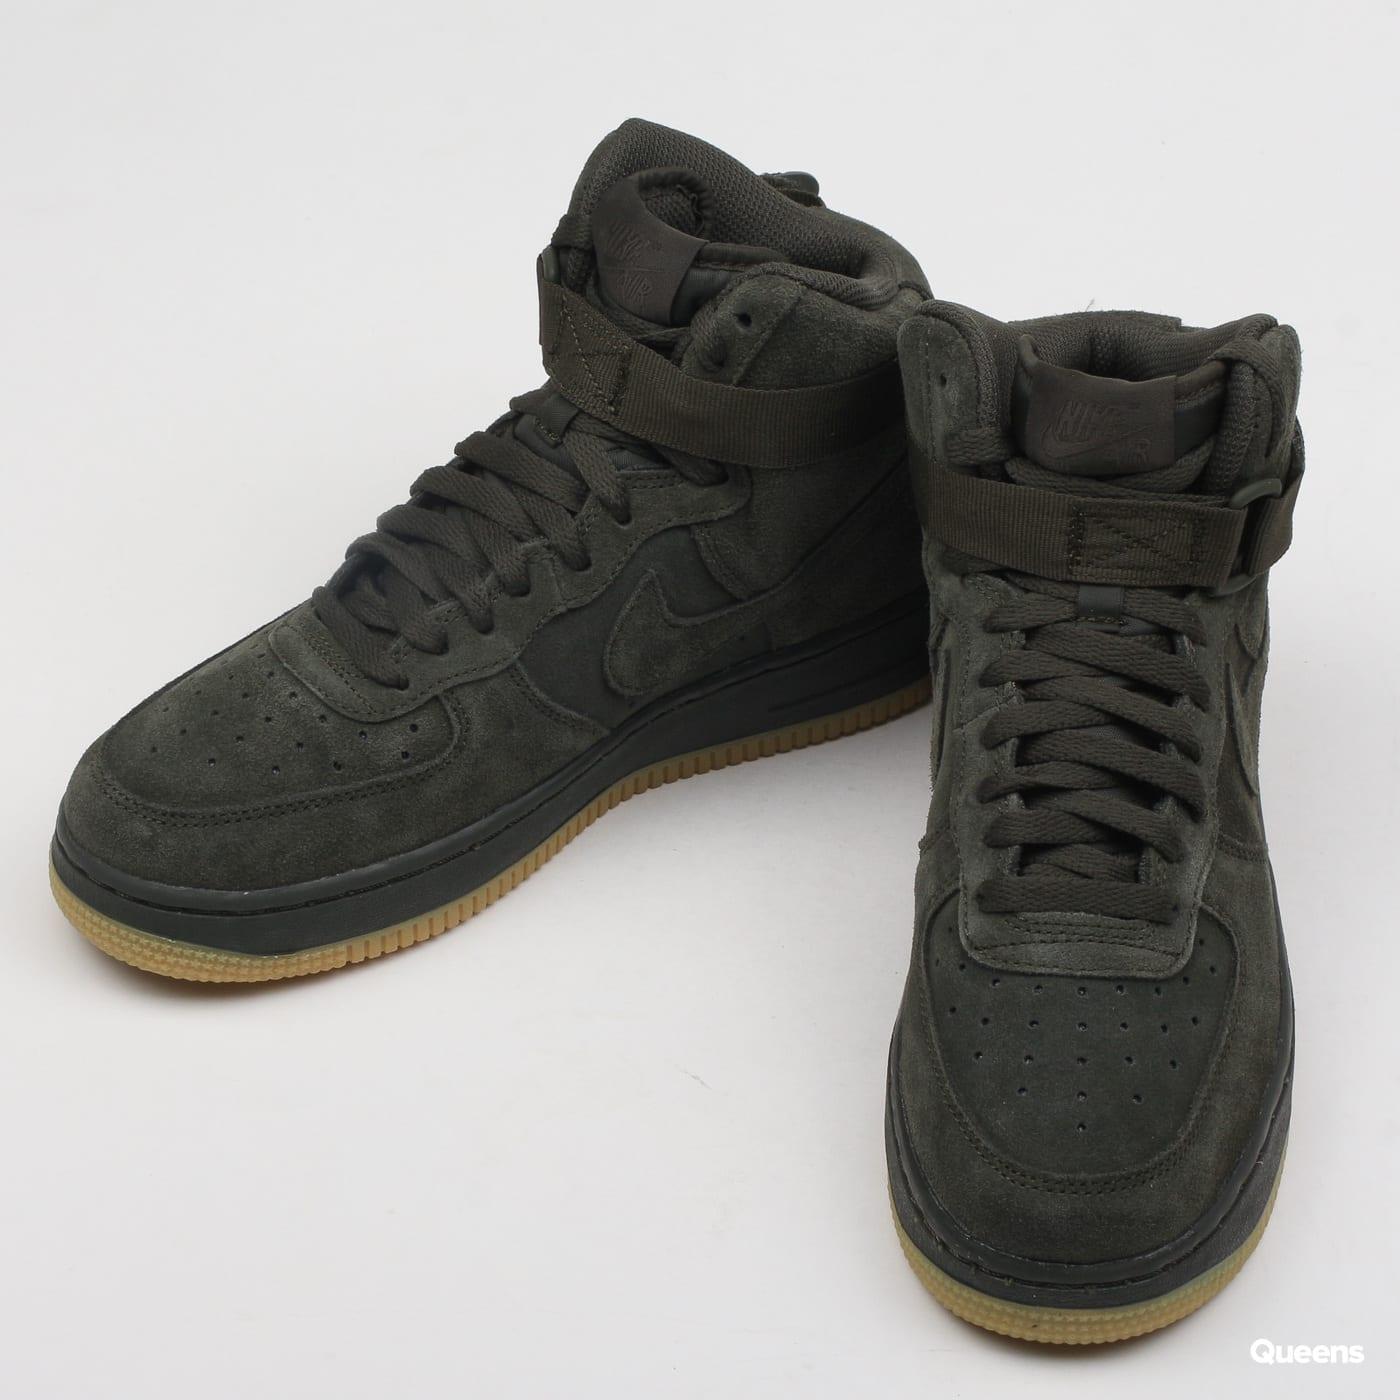 627e07645f911 Zväčšiť Zväčšiť Zväčšiť Zväčšiť Zväčšiť. Nike Air Force 1 High LV8 (GS)  sequoia ...